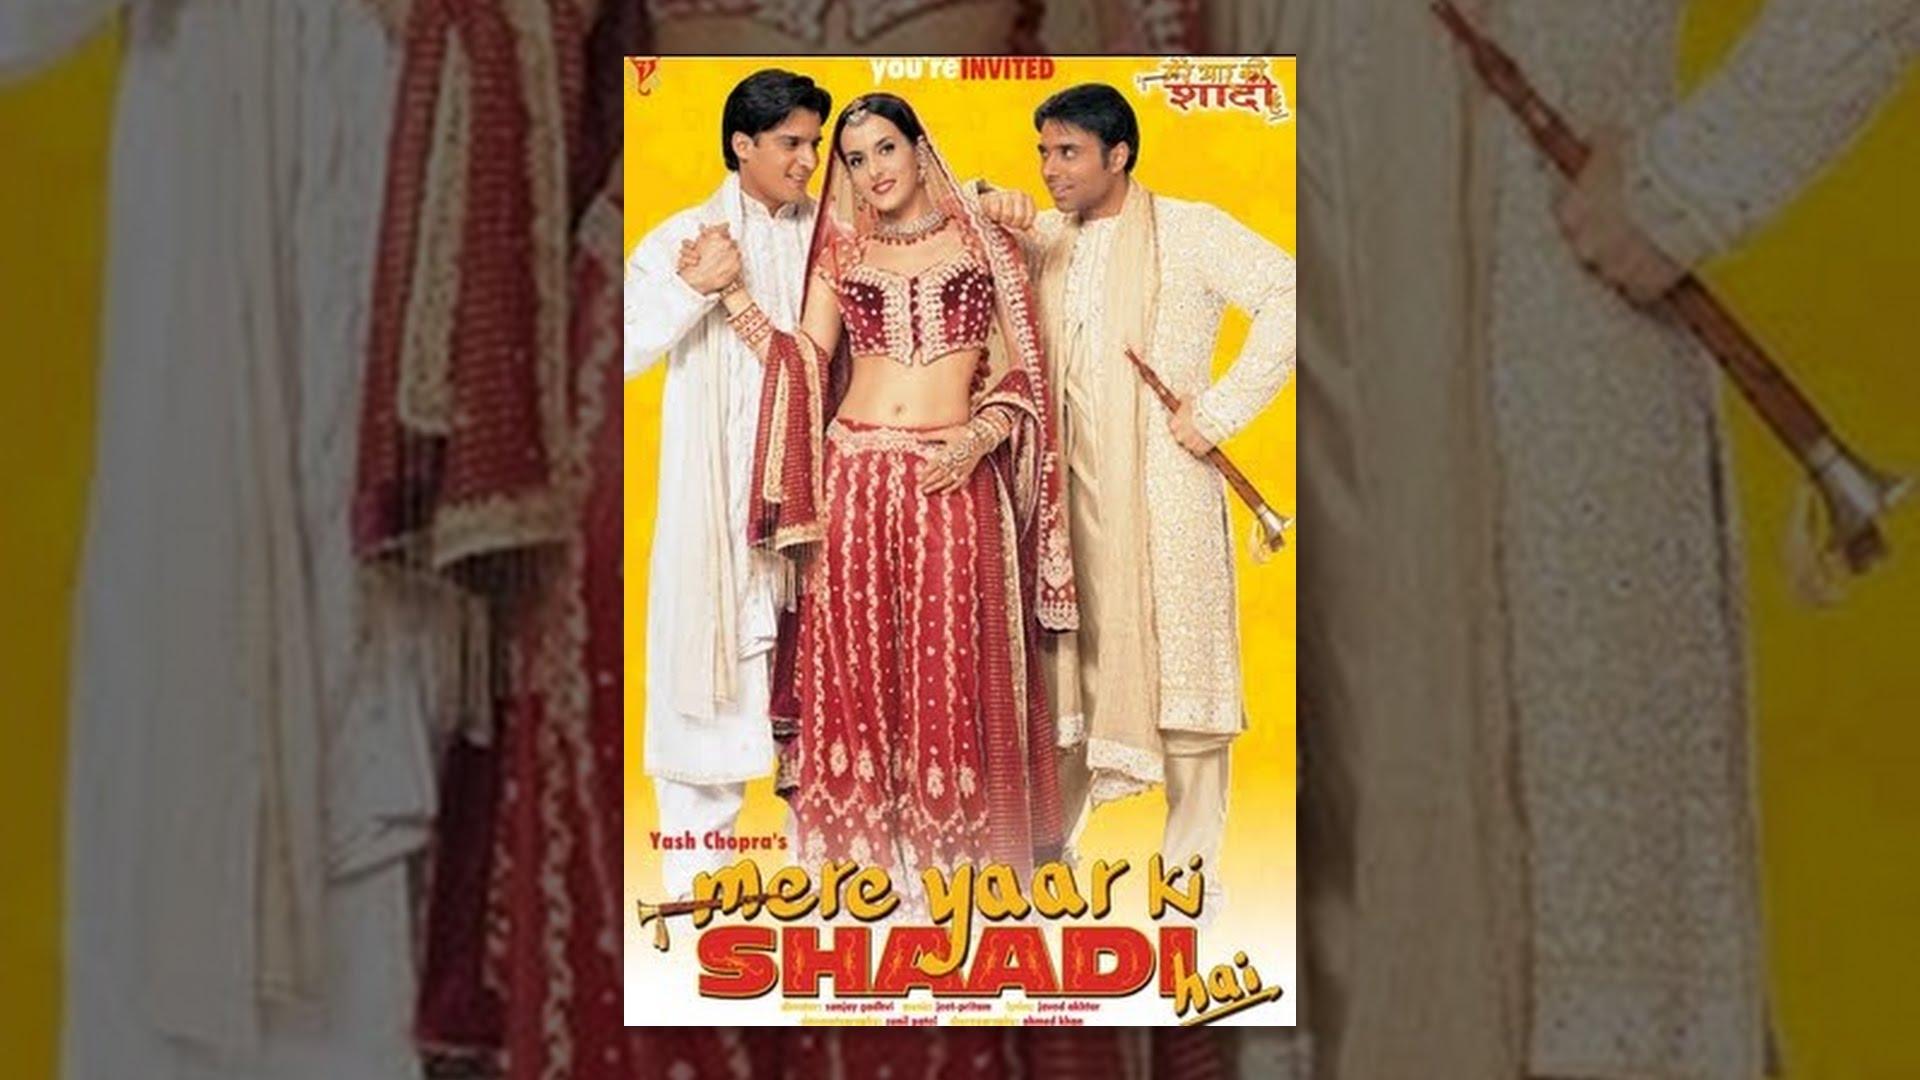 aaj mere yaar ki shaadi hai song free download